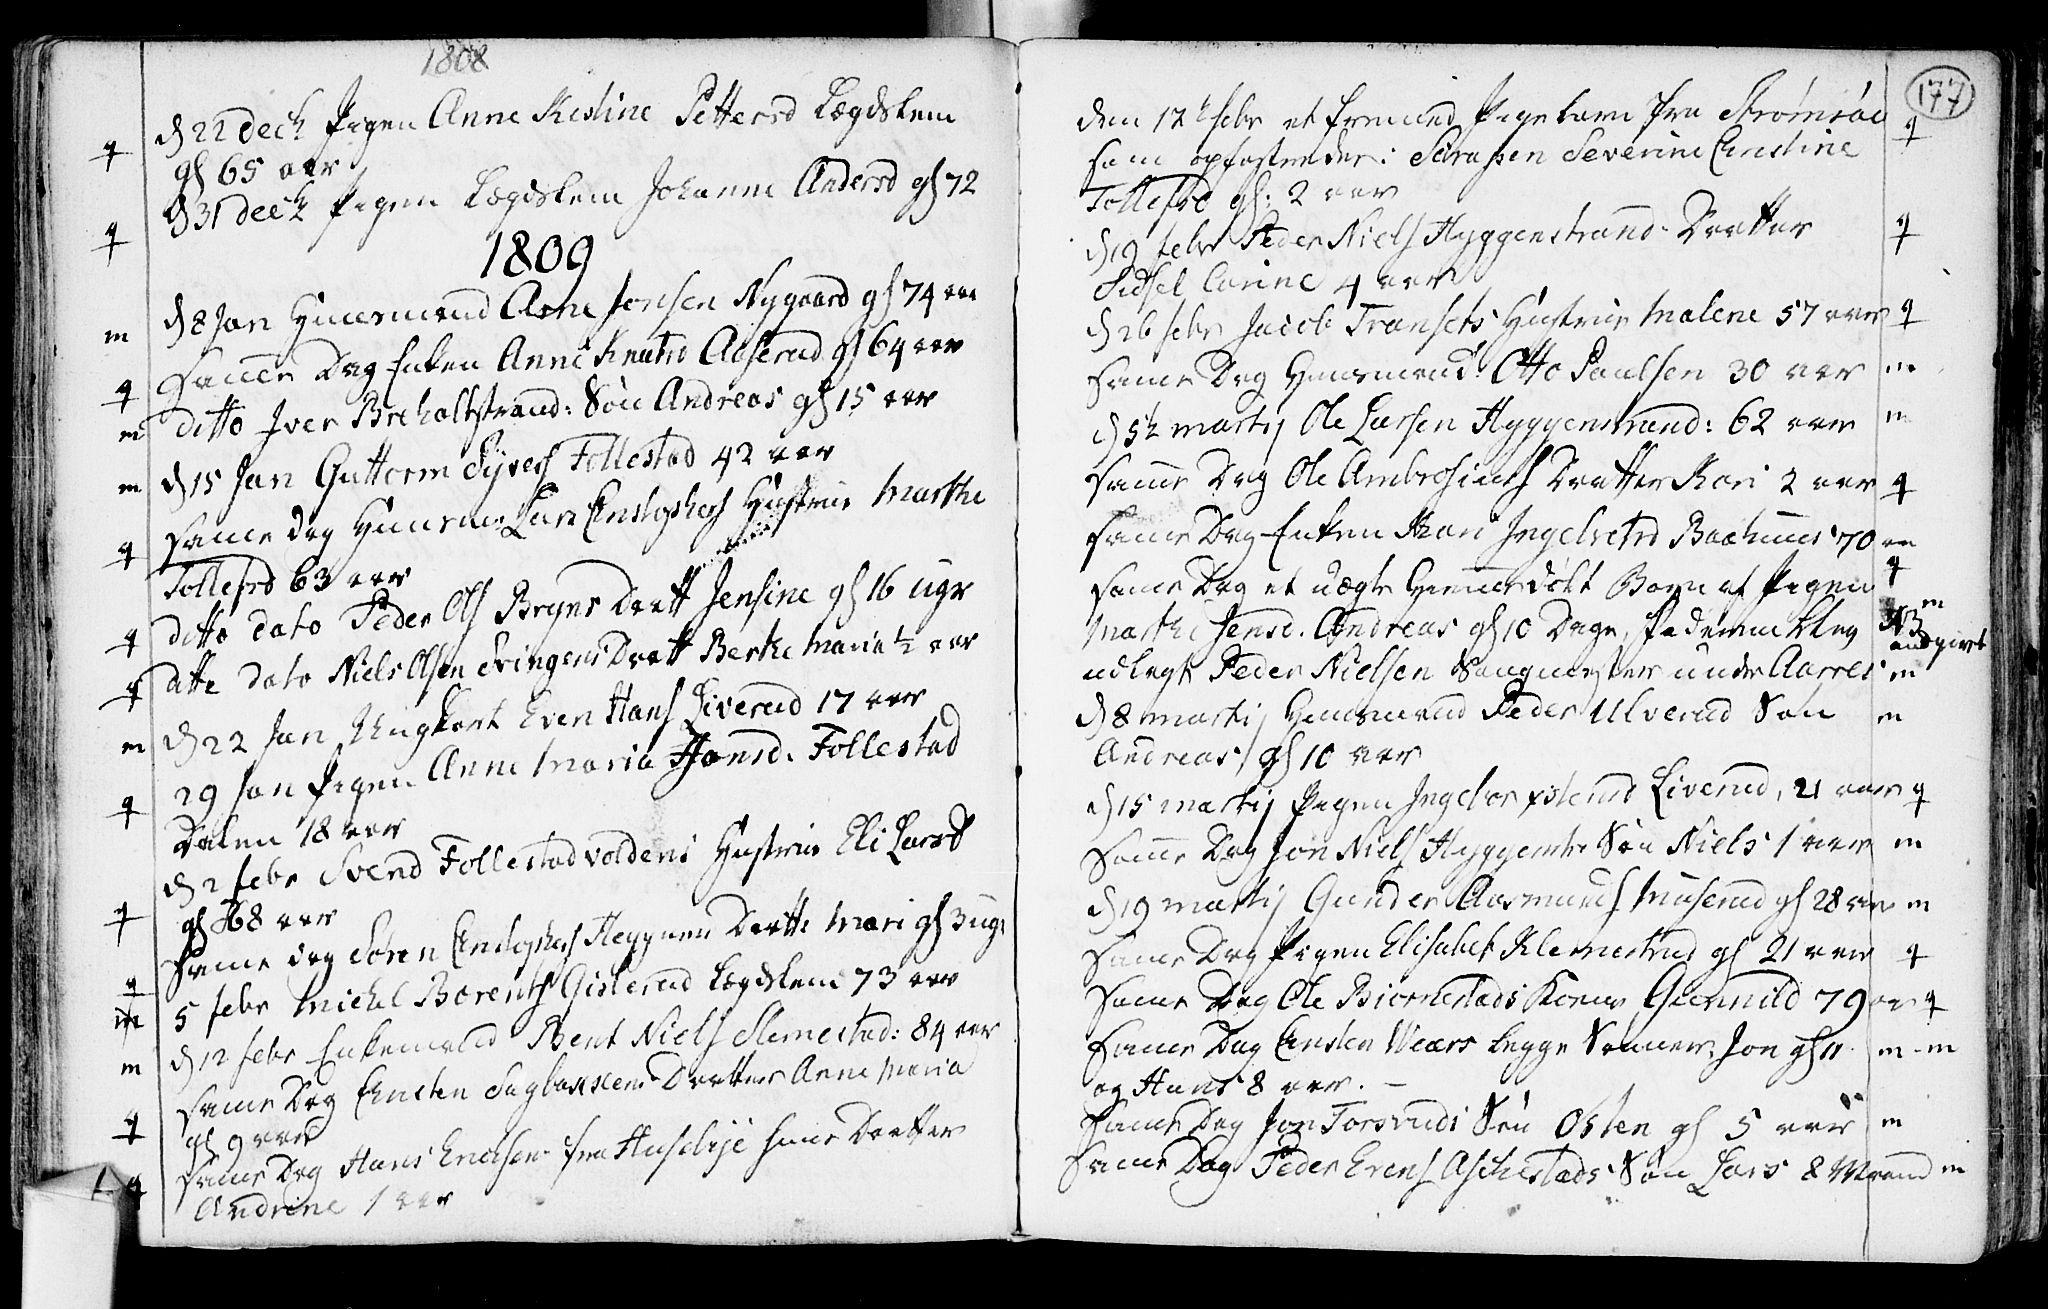 SAKO, Røyken kirkebøker, F/Fa/L0003: Ministerialbok nr. 3, 1782-1813, s. 177